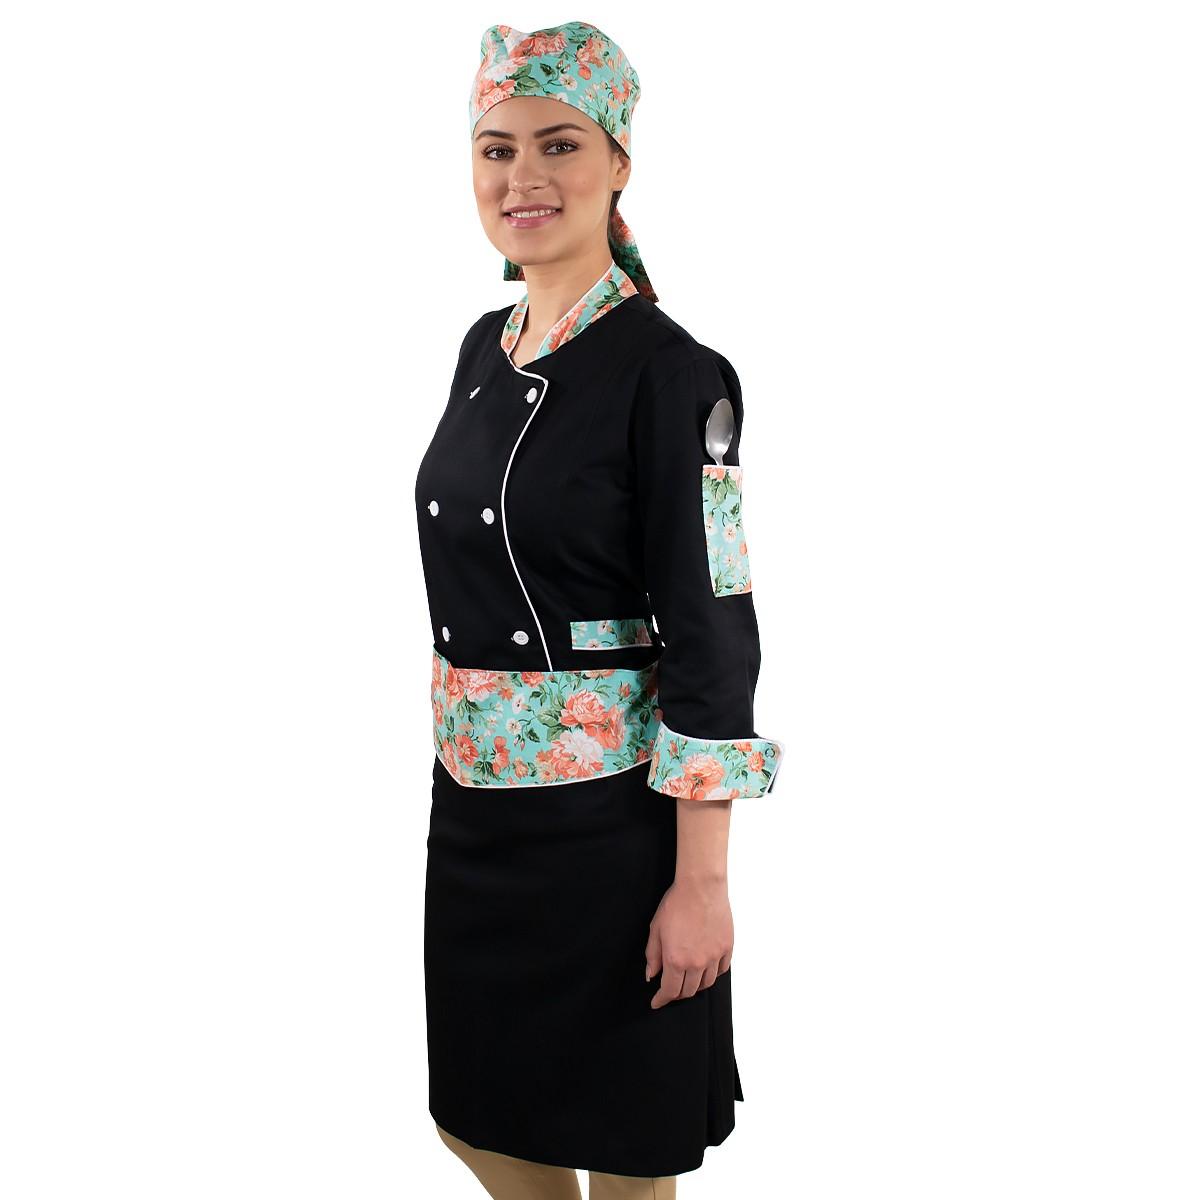 Dólmã Bandana e Avental Chef de Cozinha Floral Verde Feminino